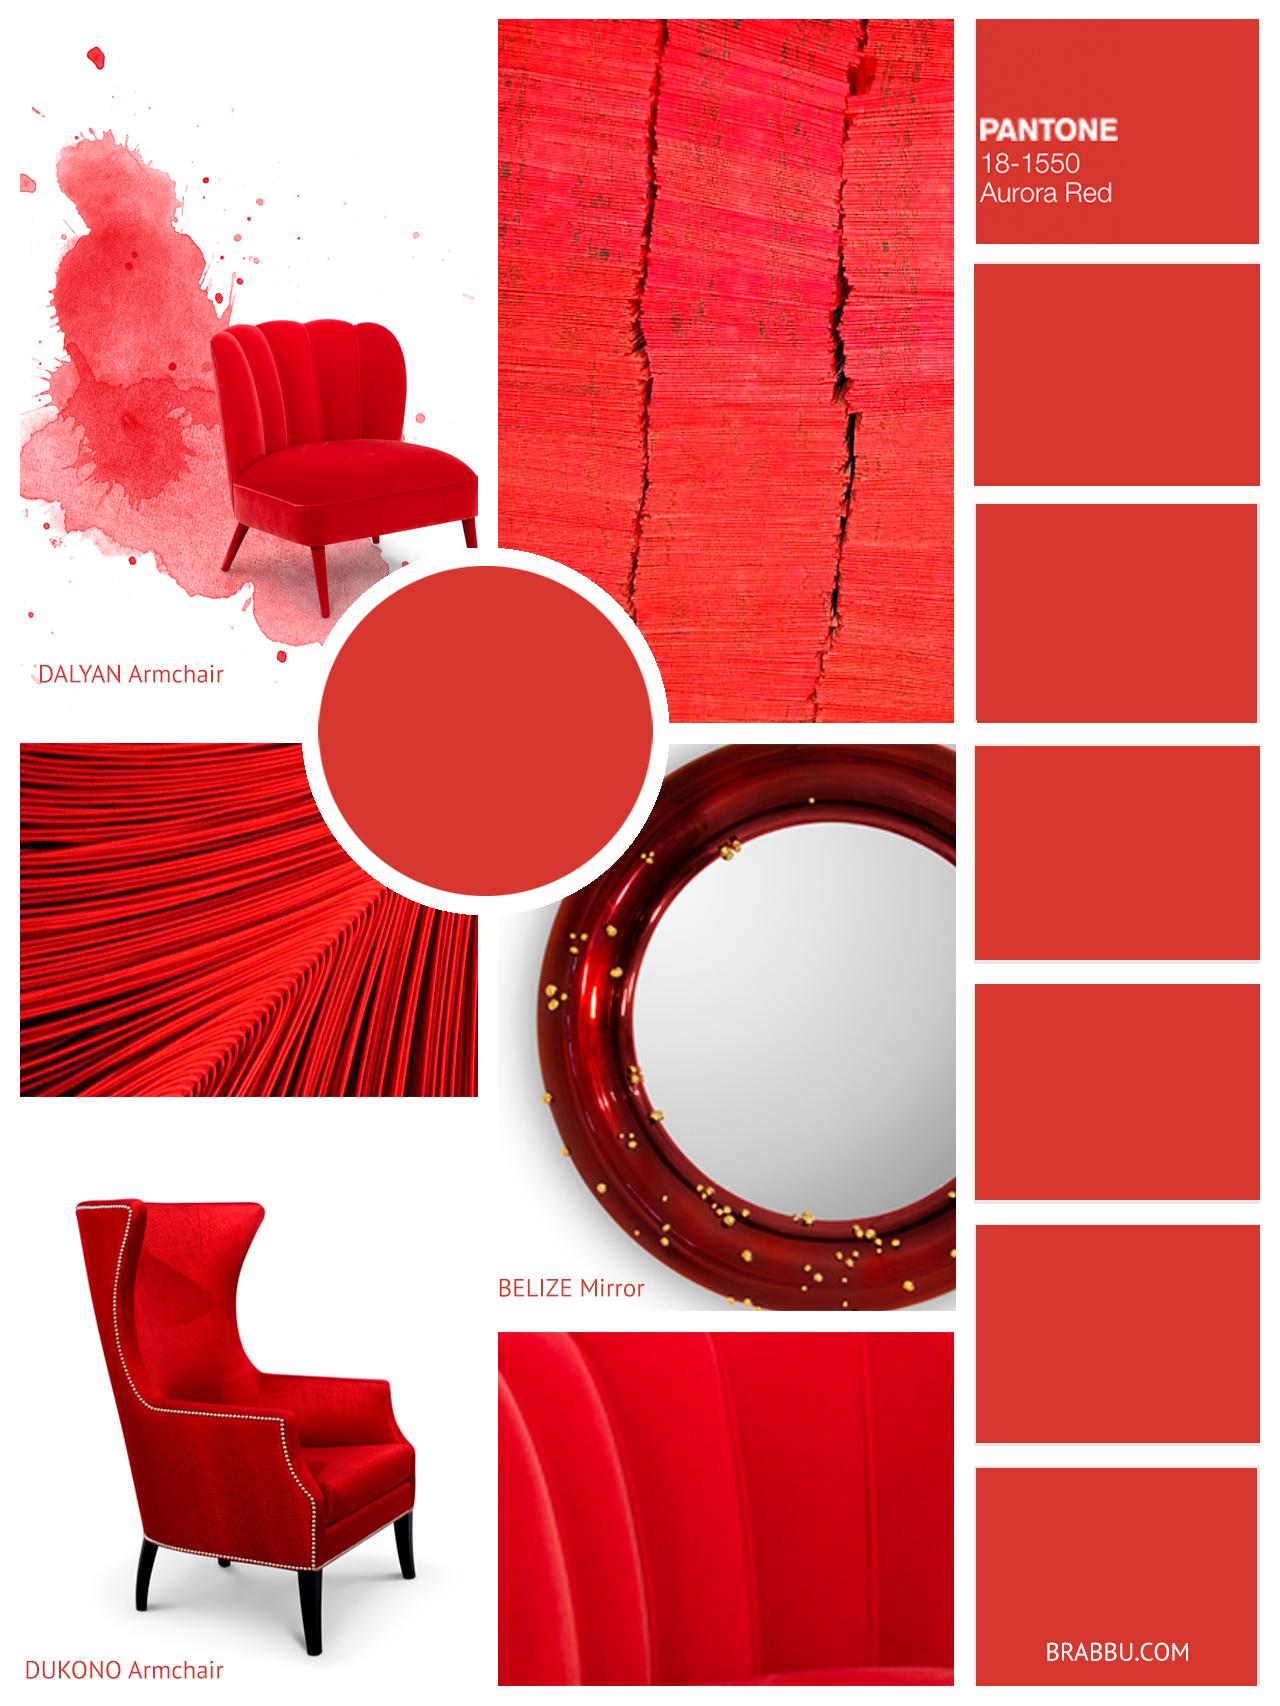 Pantone Aurora Red